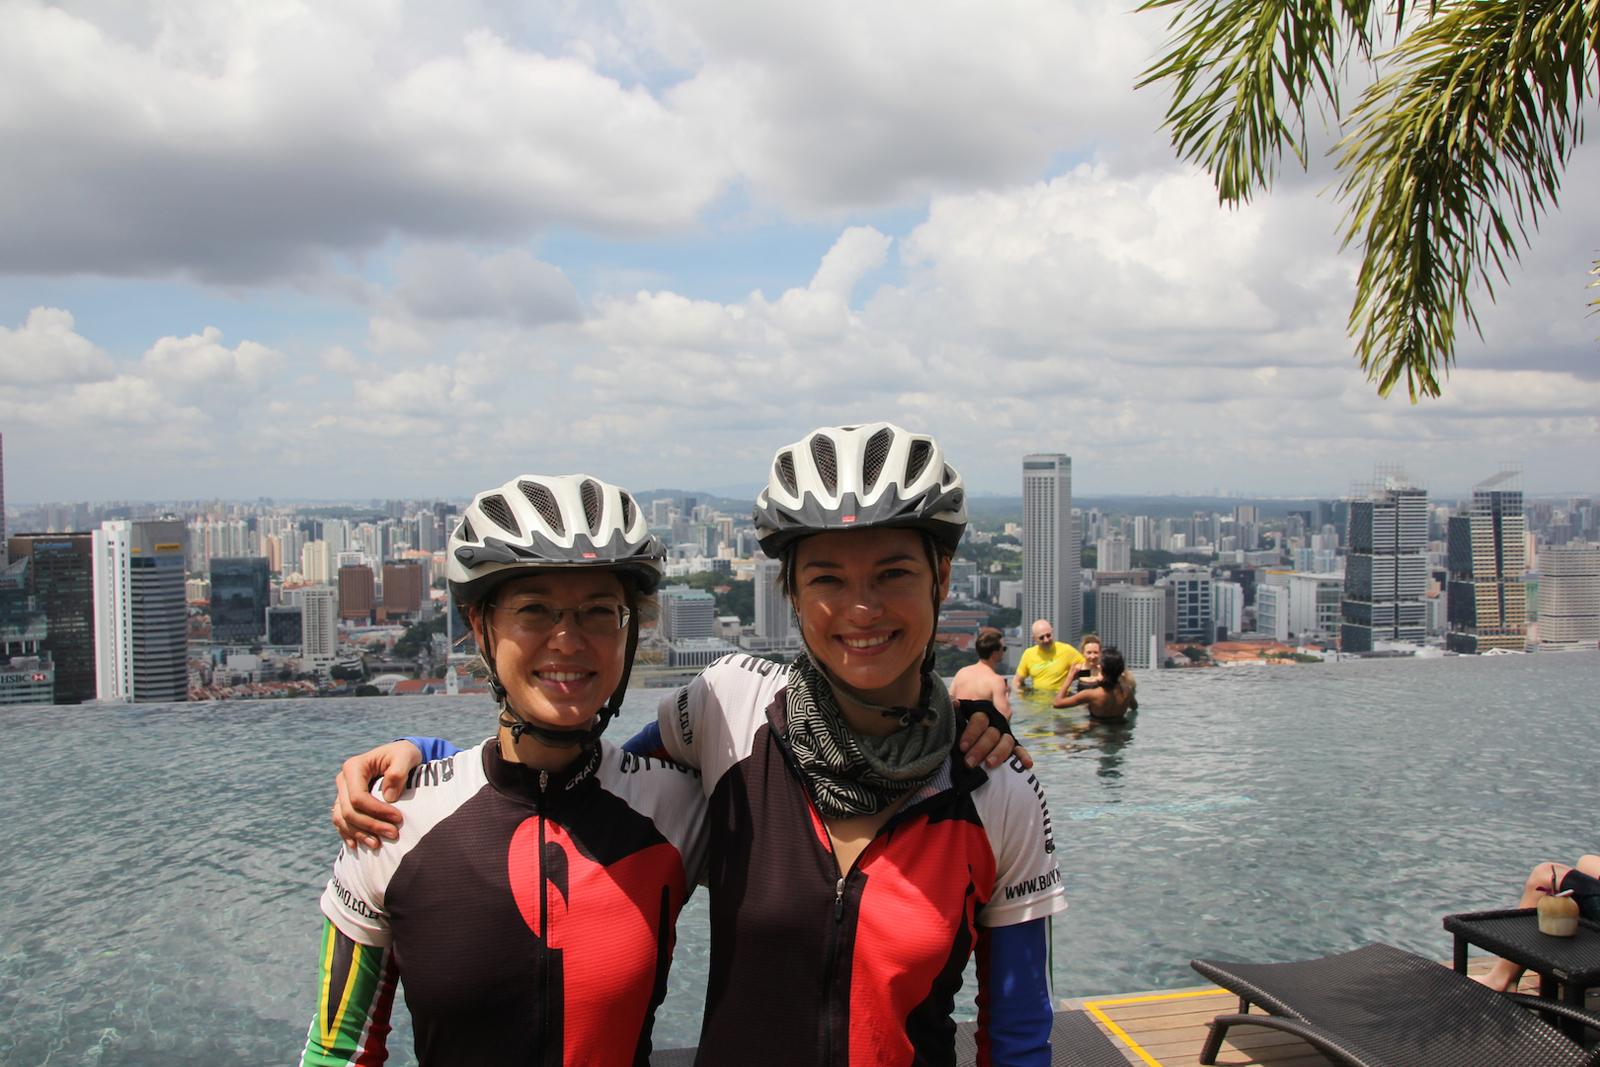 cycling-sisters-marina-bay-sands-buy-no-rhino